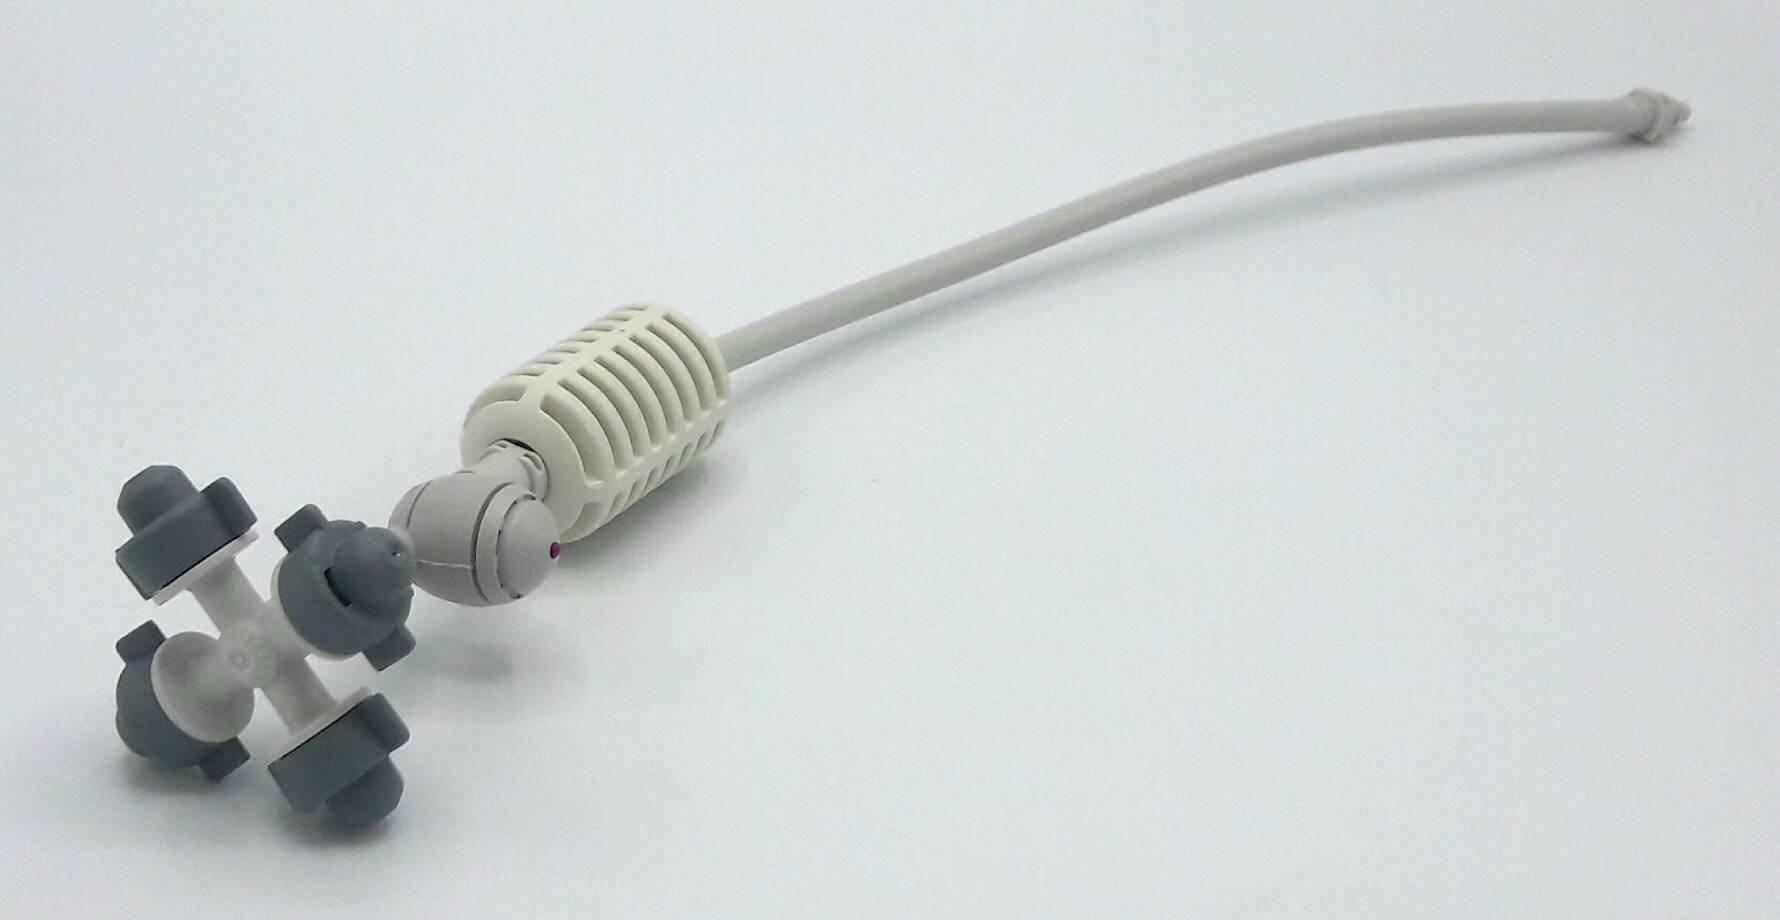 หัวพ่นหมอก 4 ทาง เนต้าฟิล์ม 0.6 มม. สายยาว 32 ซม. แบบเสียบกับท่อ PE ( NATAFIM )